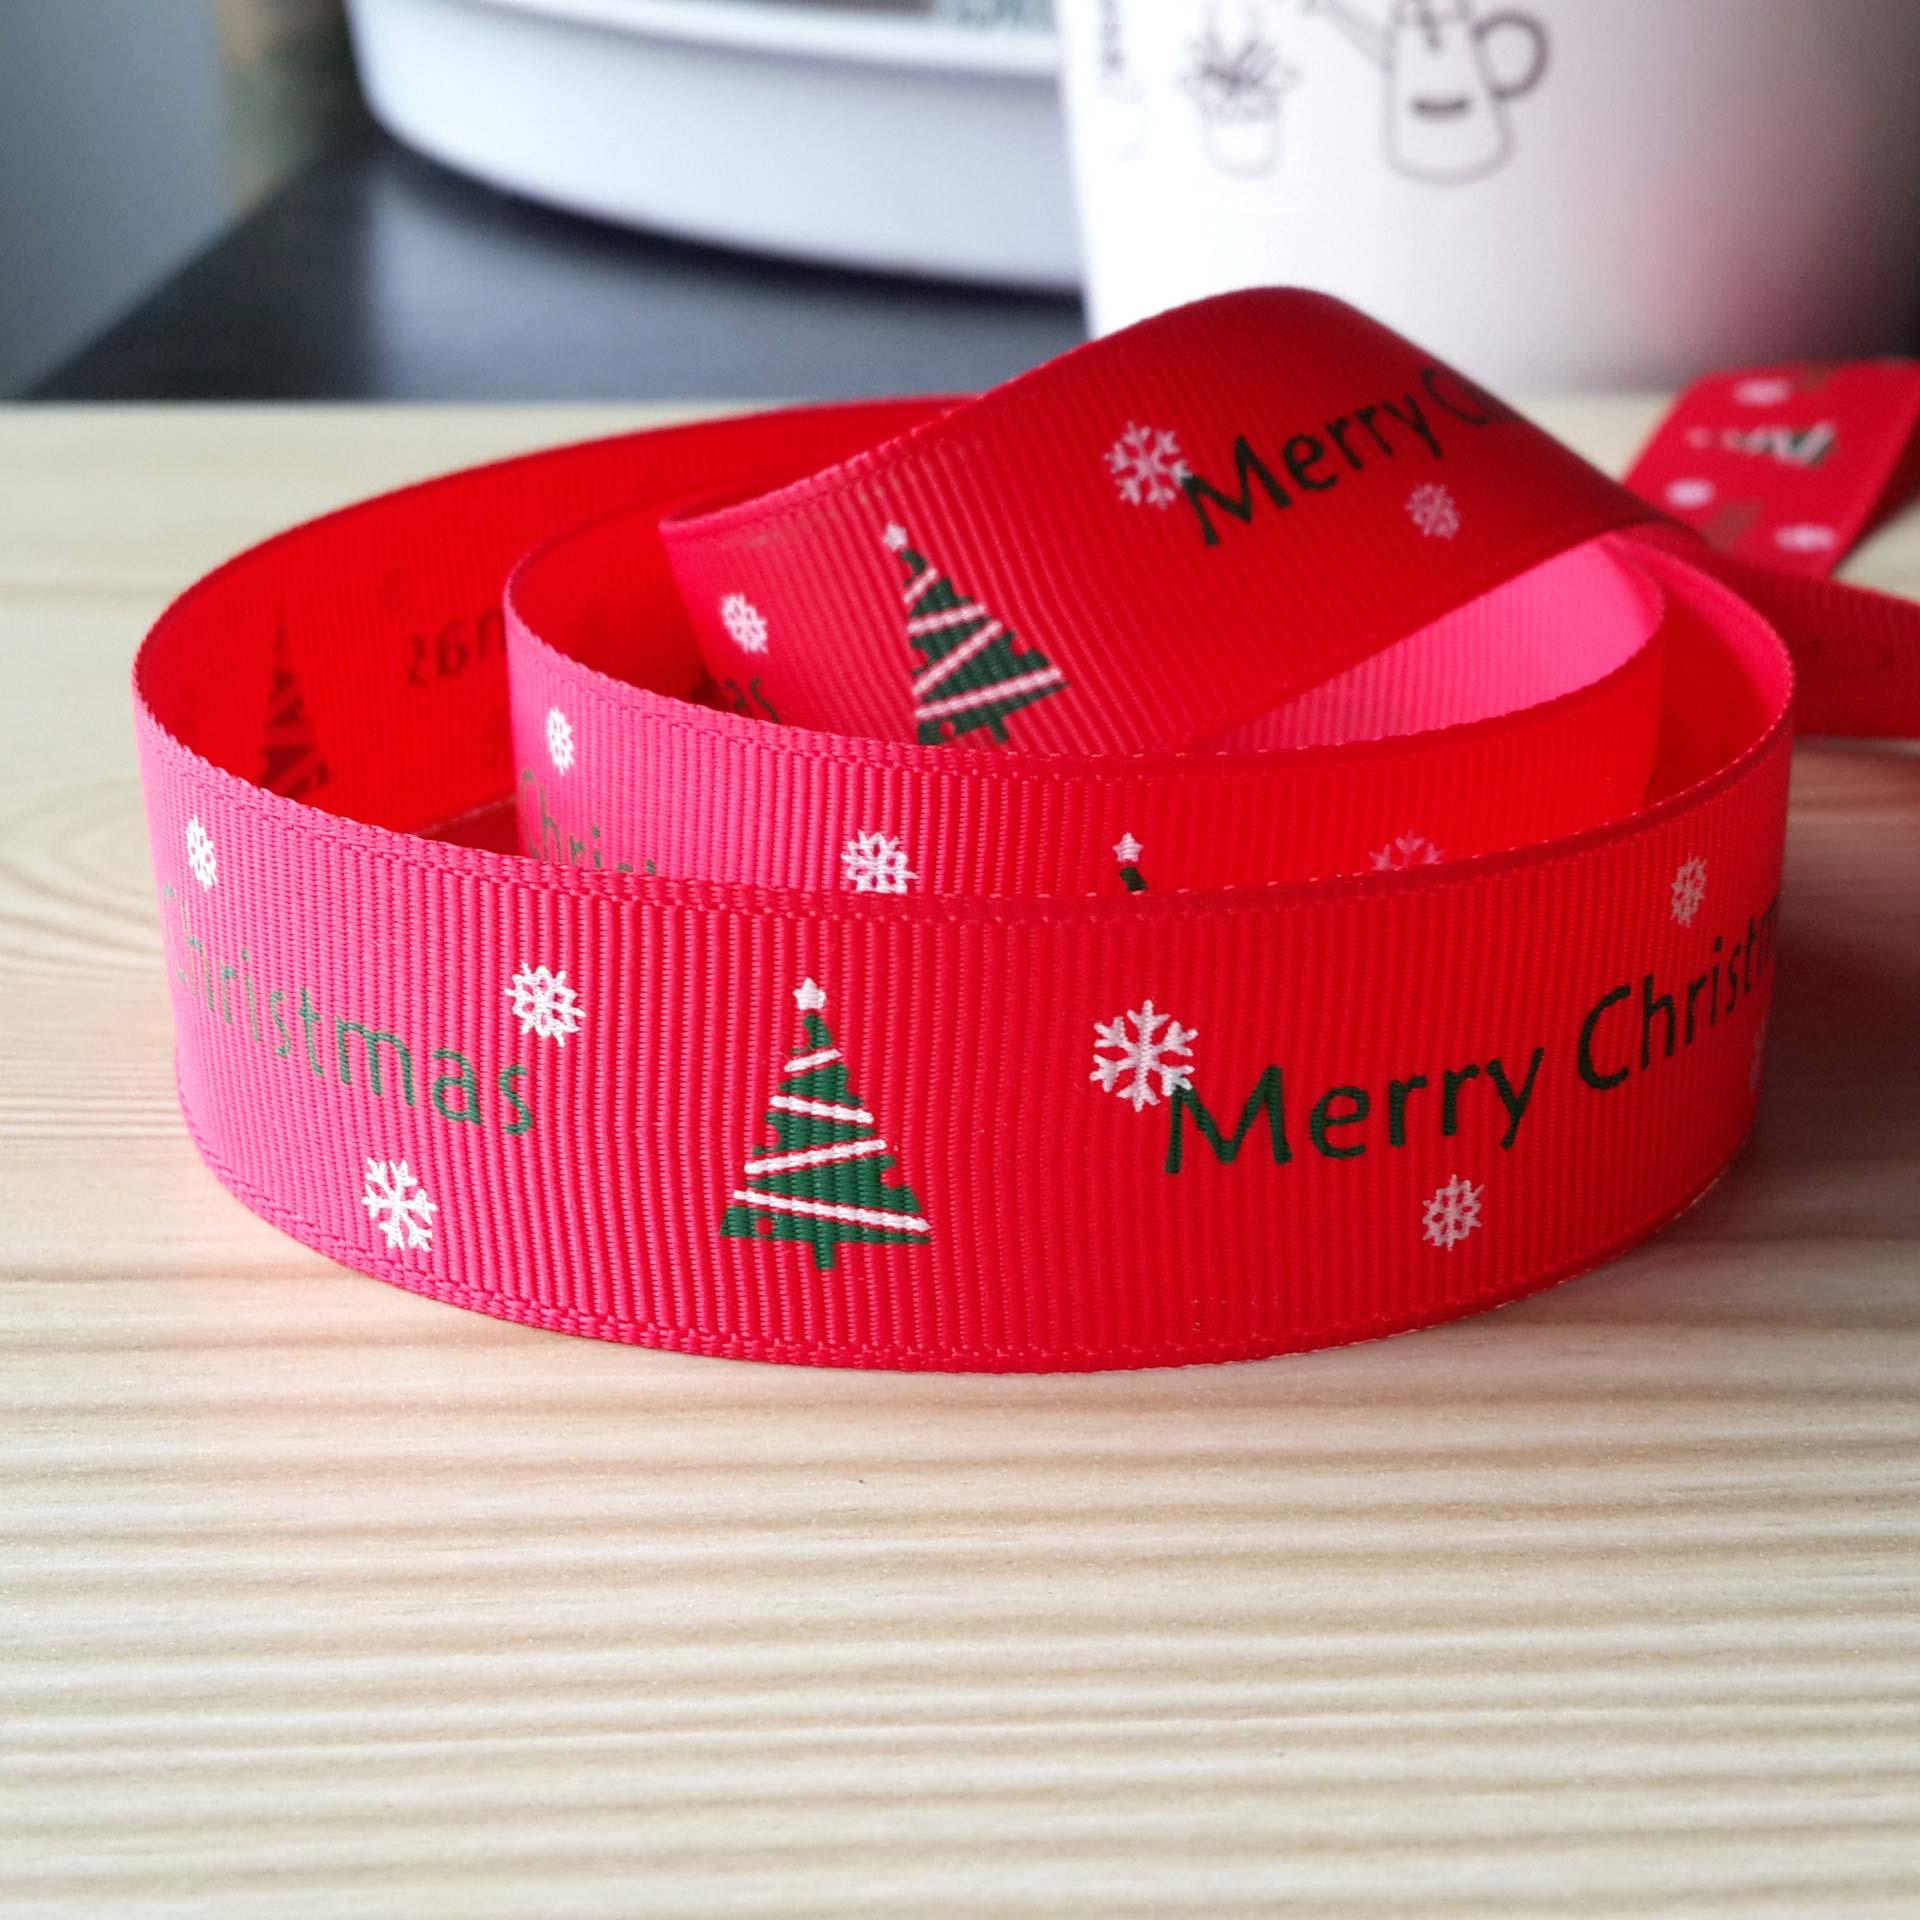 蓓美 22MM大红色圣诞印刷织带礼品包装/DIY